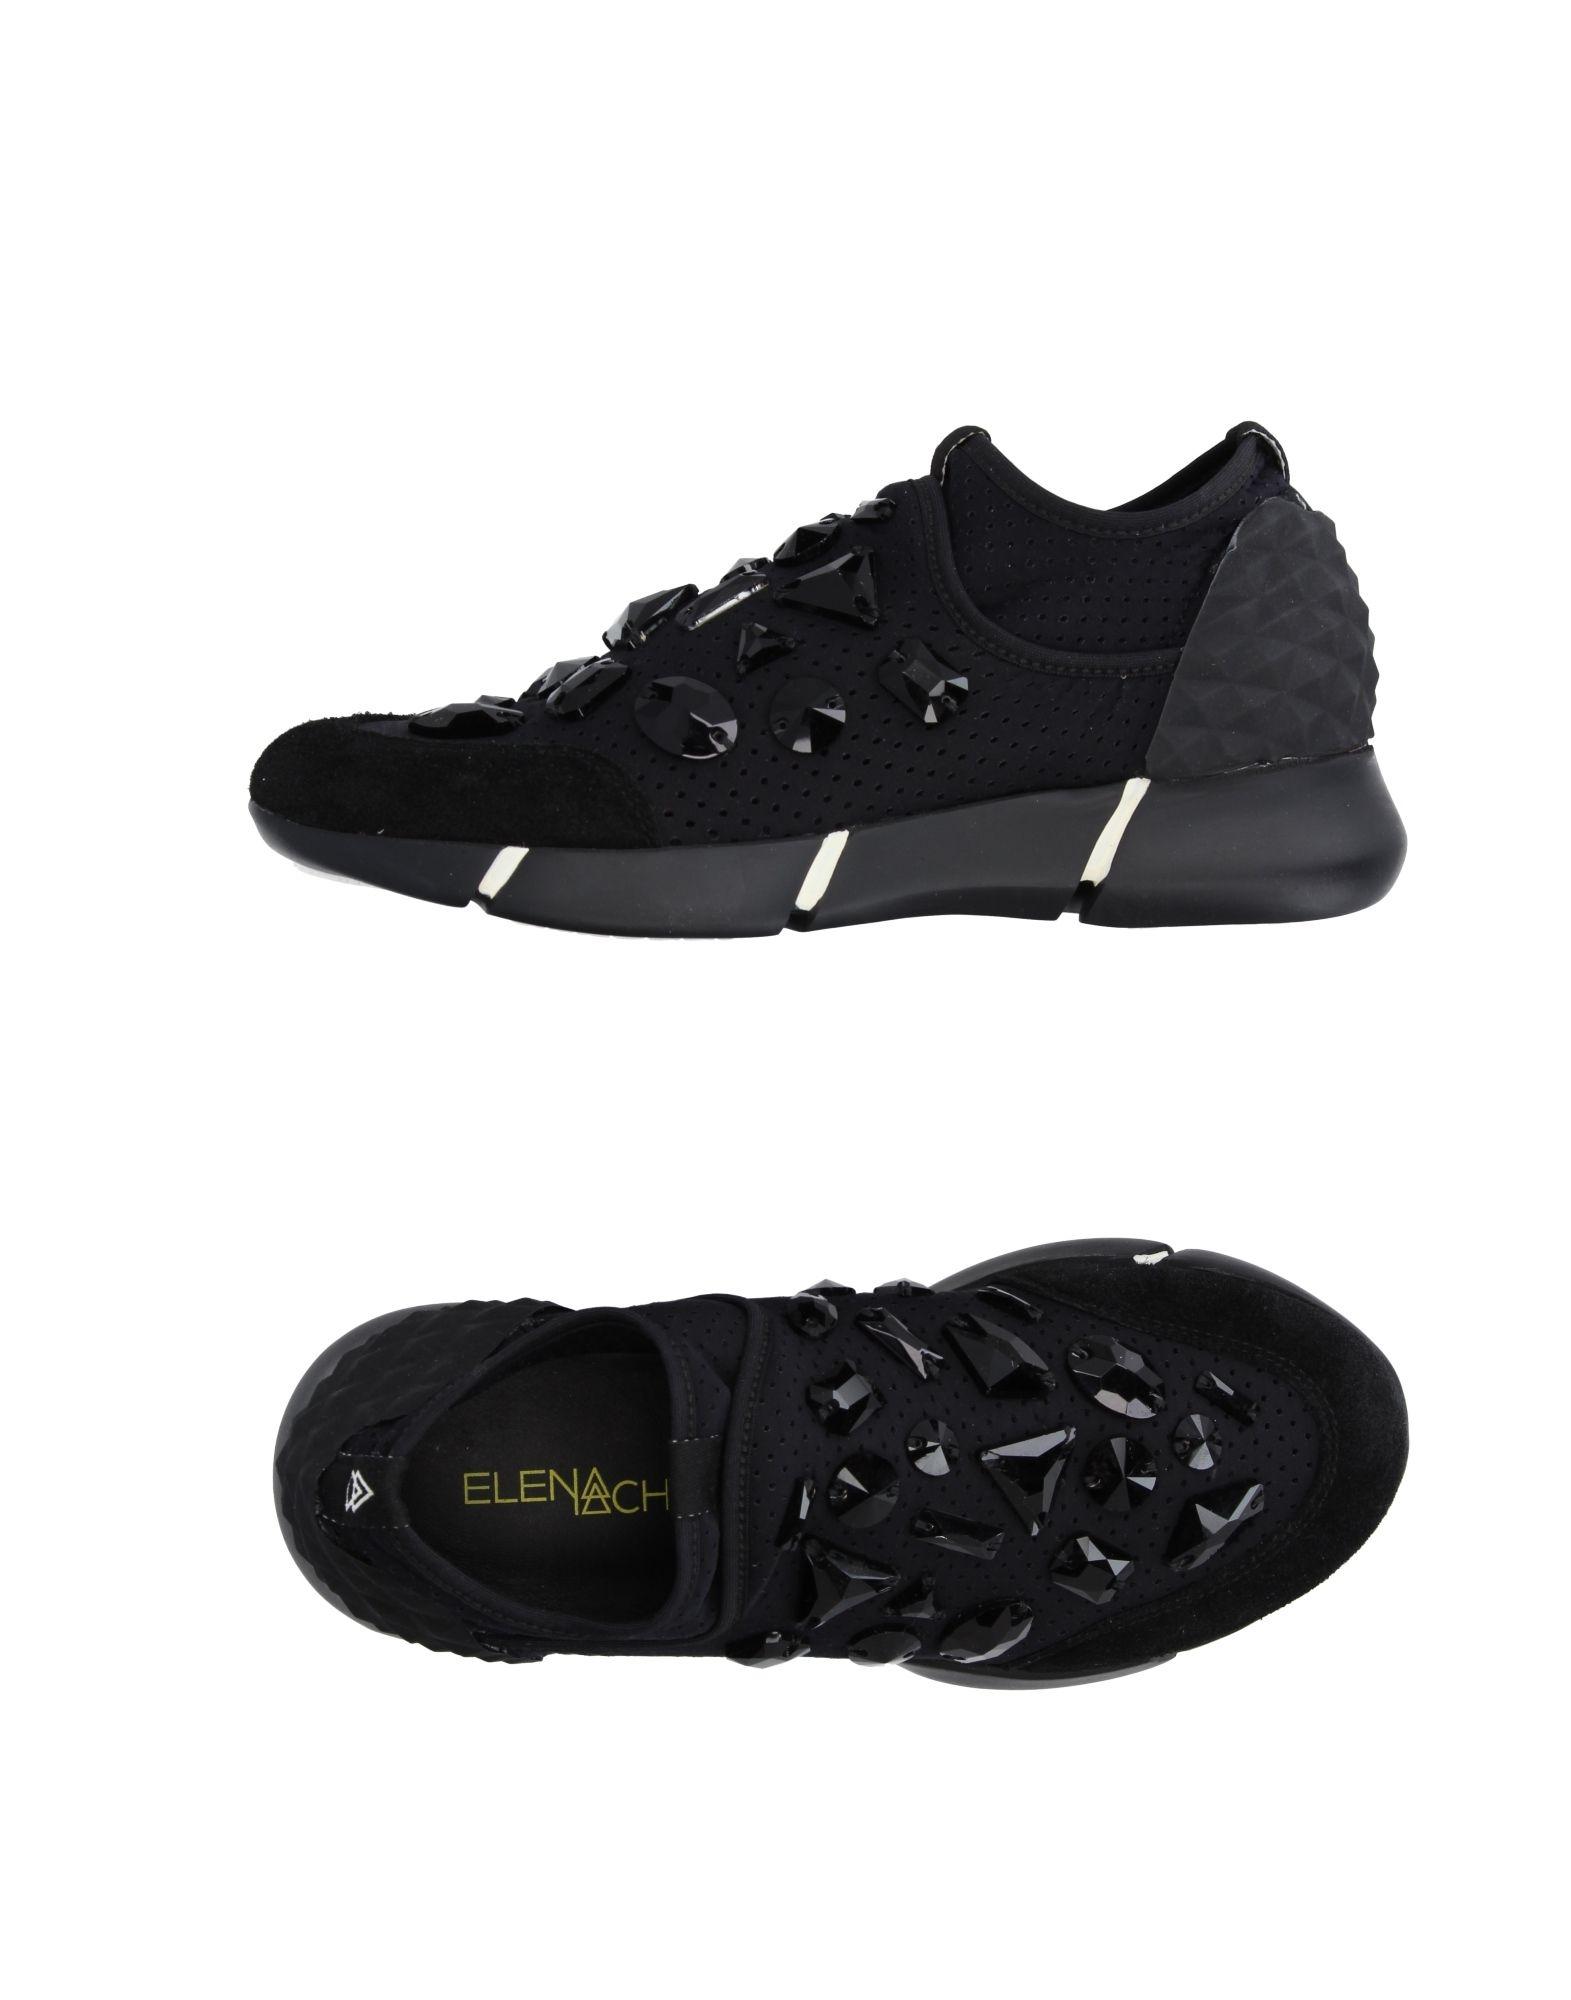 Elena Iachi Sneakers Damen  11203248OTGut aussehende strapazierfähige Schuhe